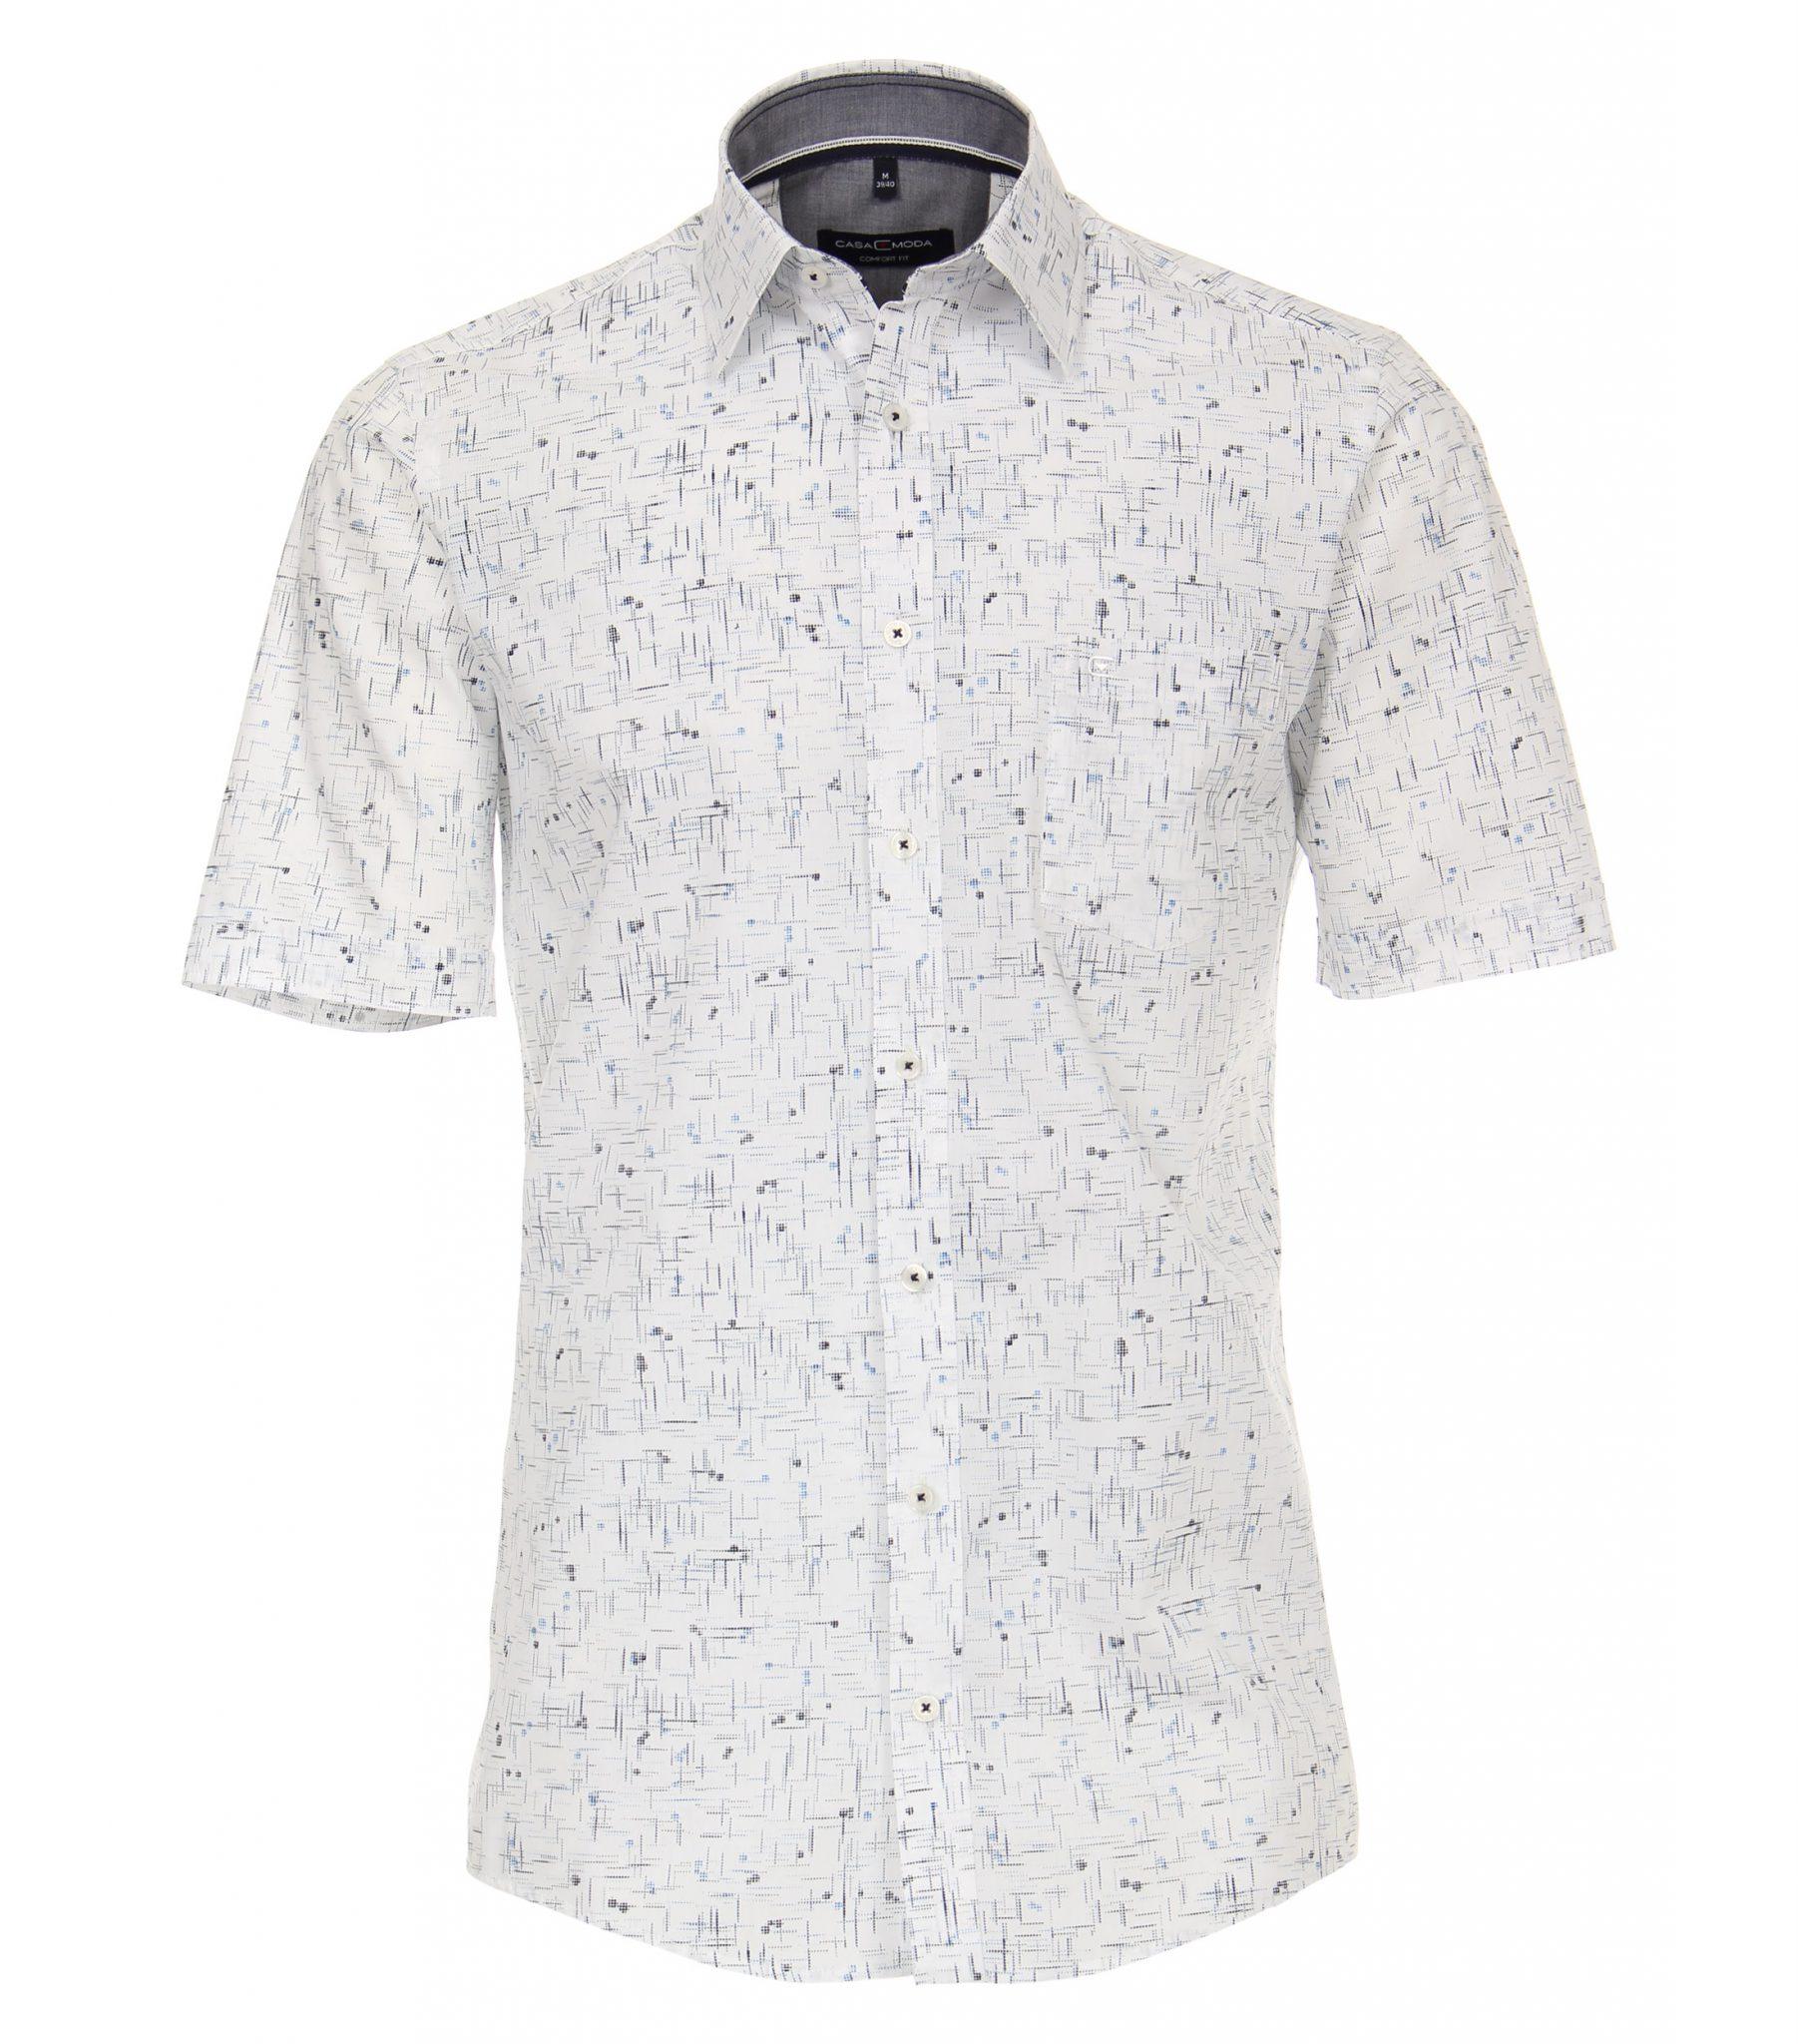 Overhemd Zwart Korte Mouw.Casa Moda Grote Maat Overhemd Korte Mouw Wit Blauw En Zwart Fantasie